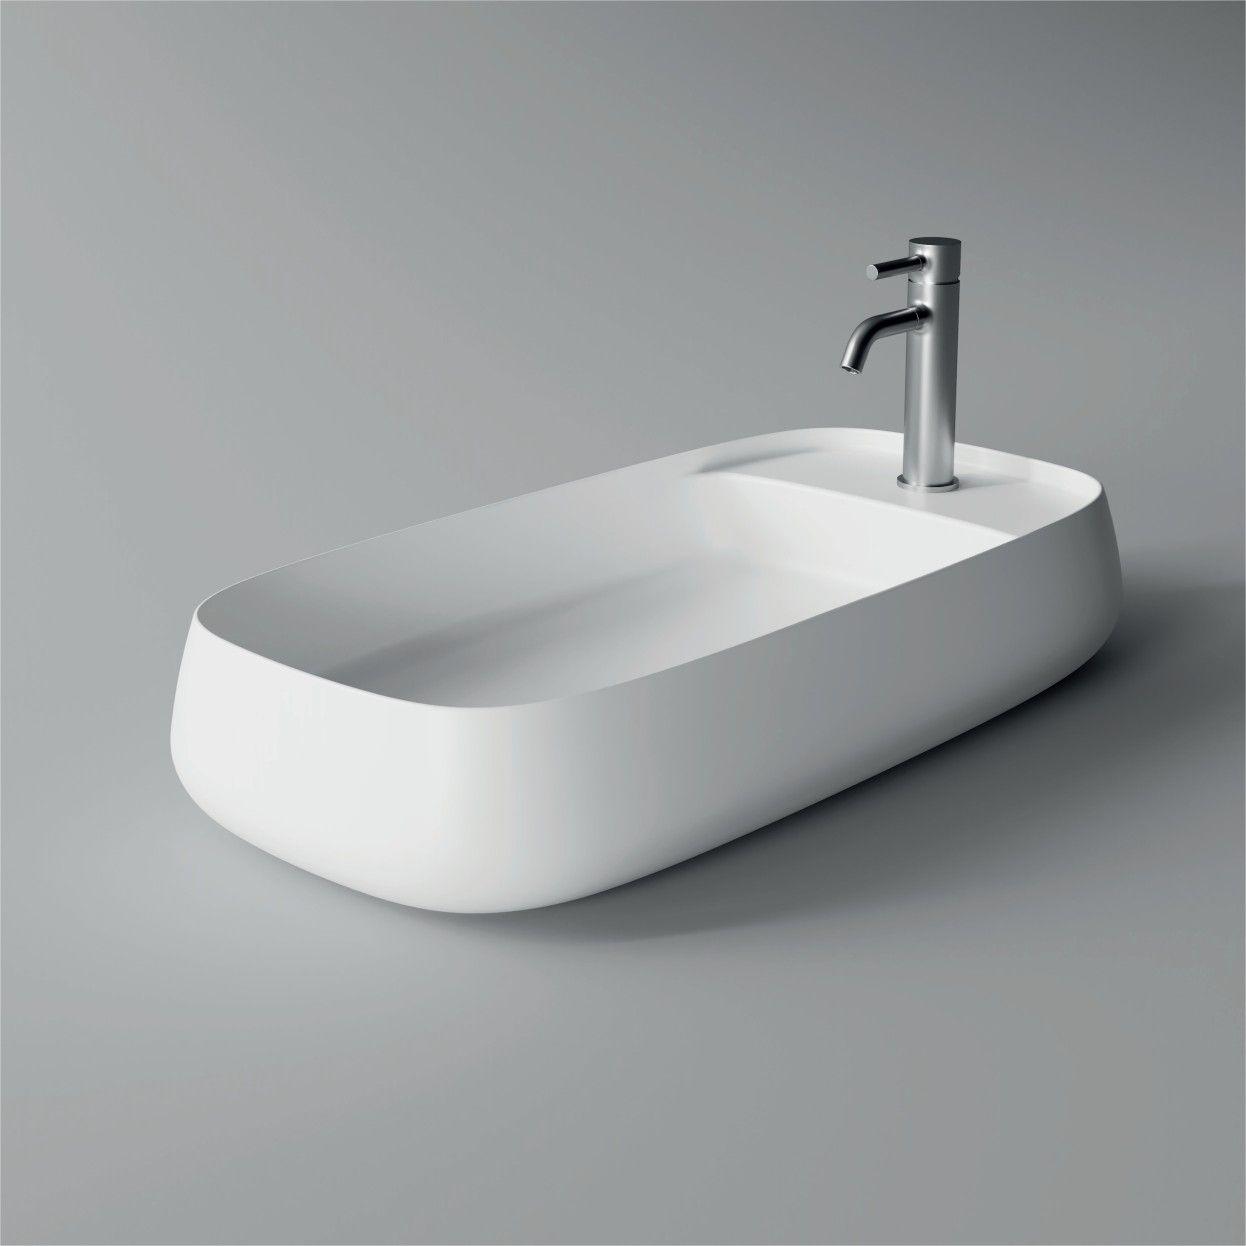 Lavello Cucina In Porcellana nur | design ceramica, design, ceramica